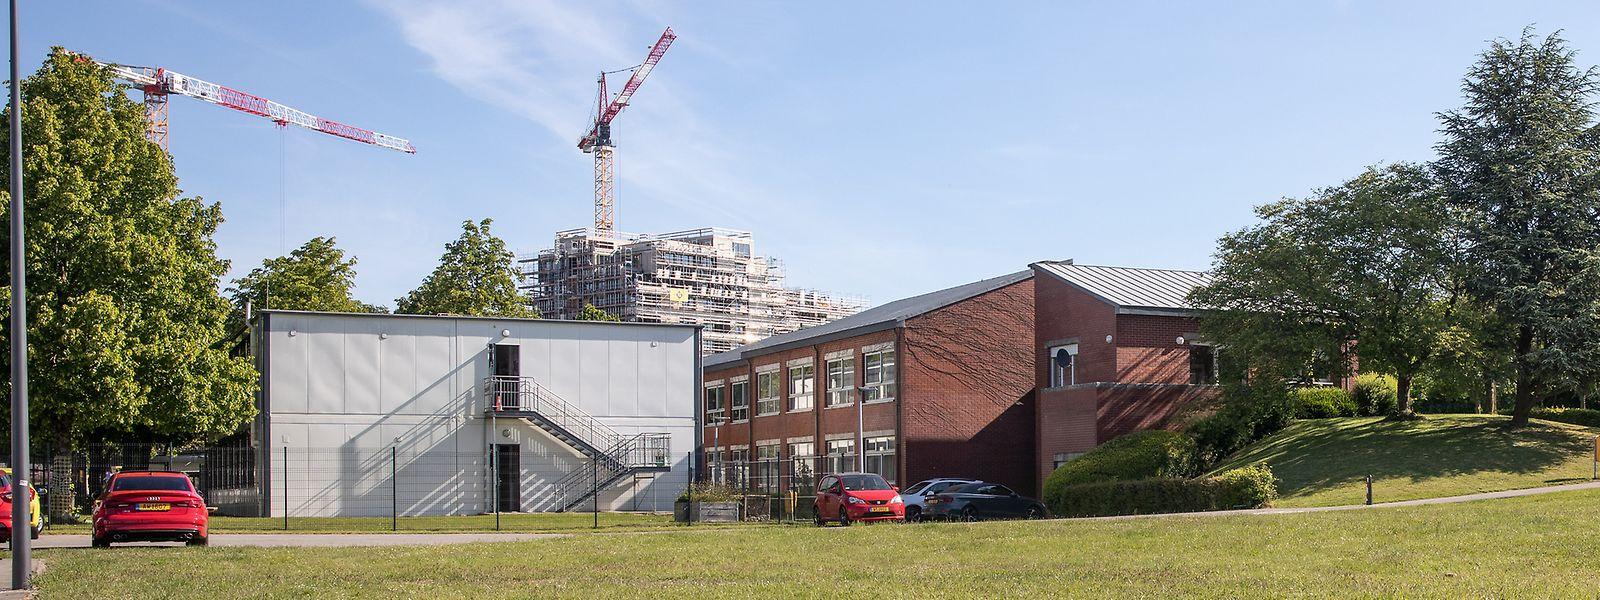 Le bâtiment scolaire existant du domaine du Kiem va subir une importante transformation.